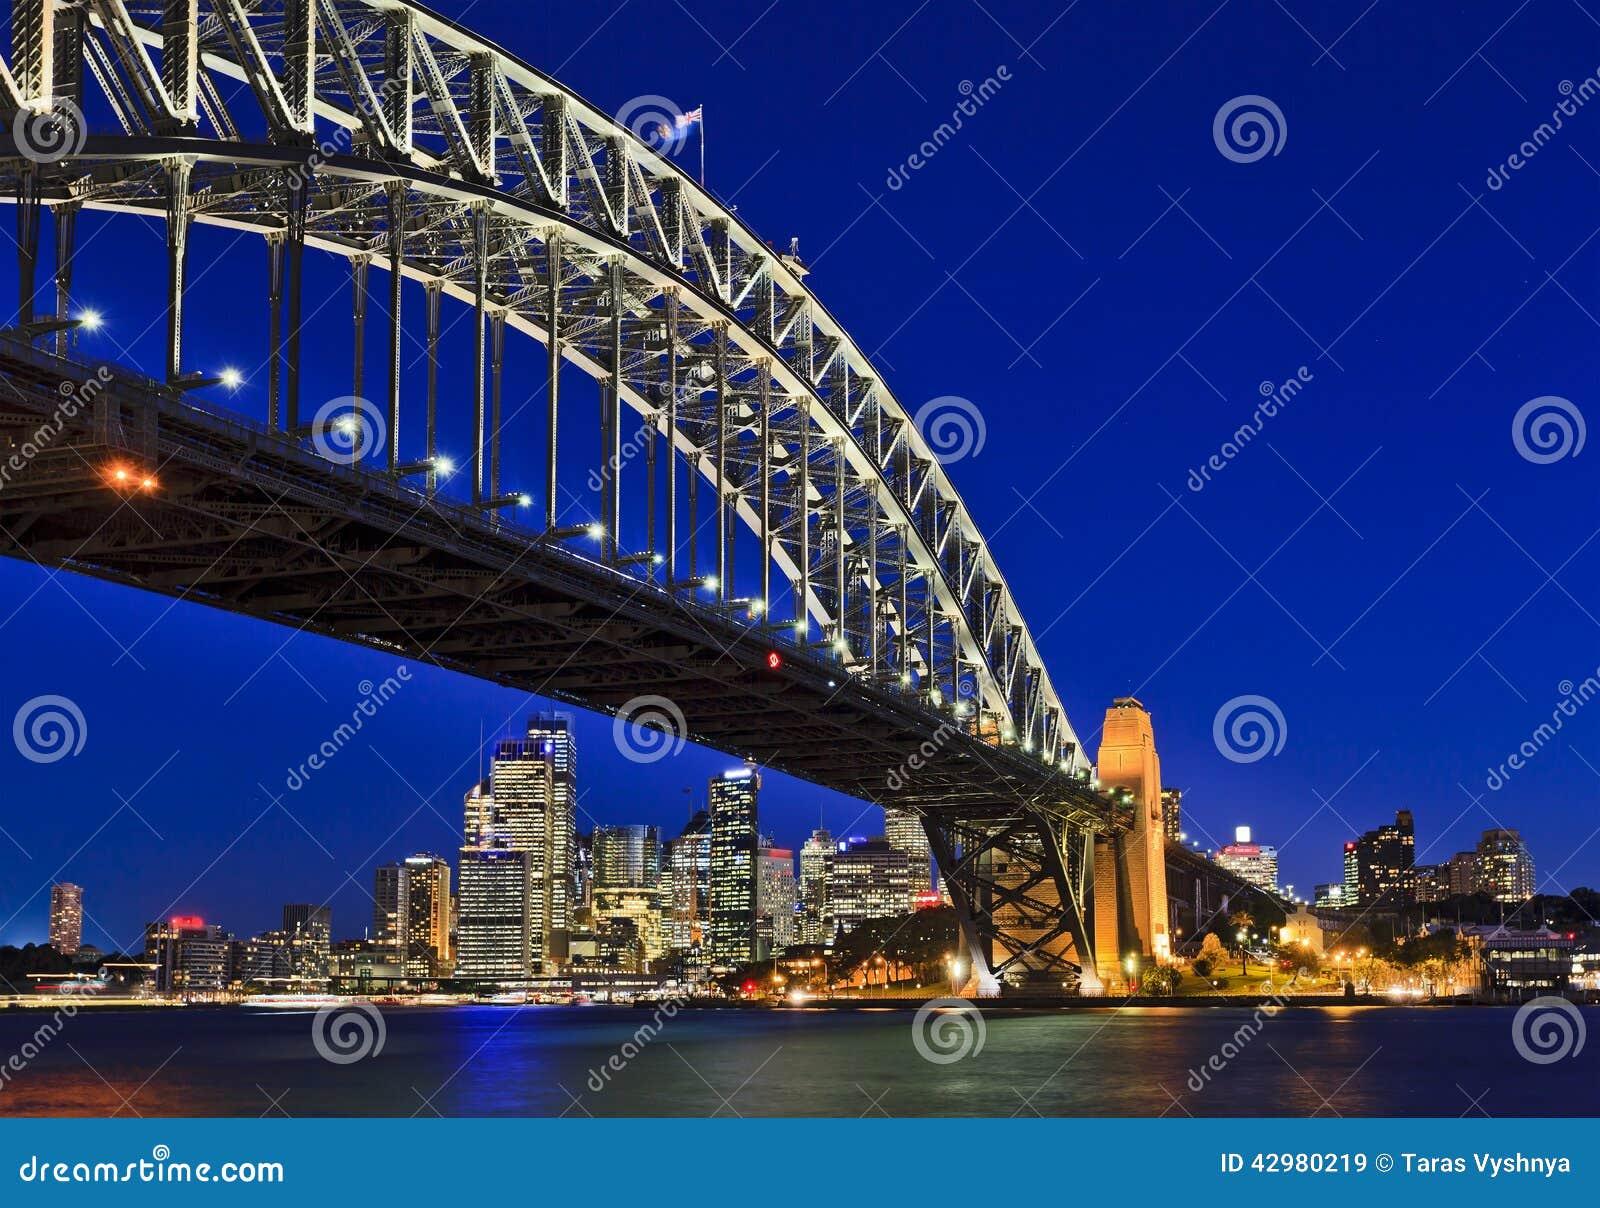 40 sydney harbour bridge - photo #10